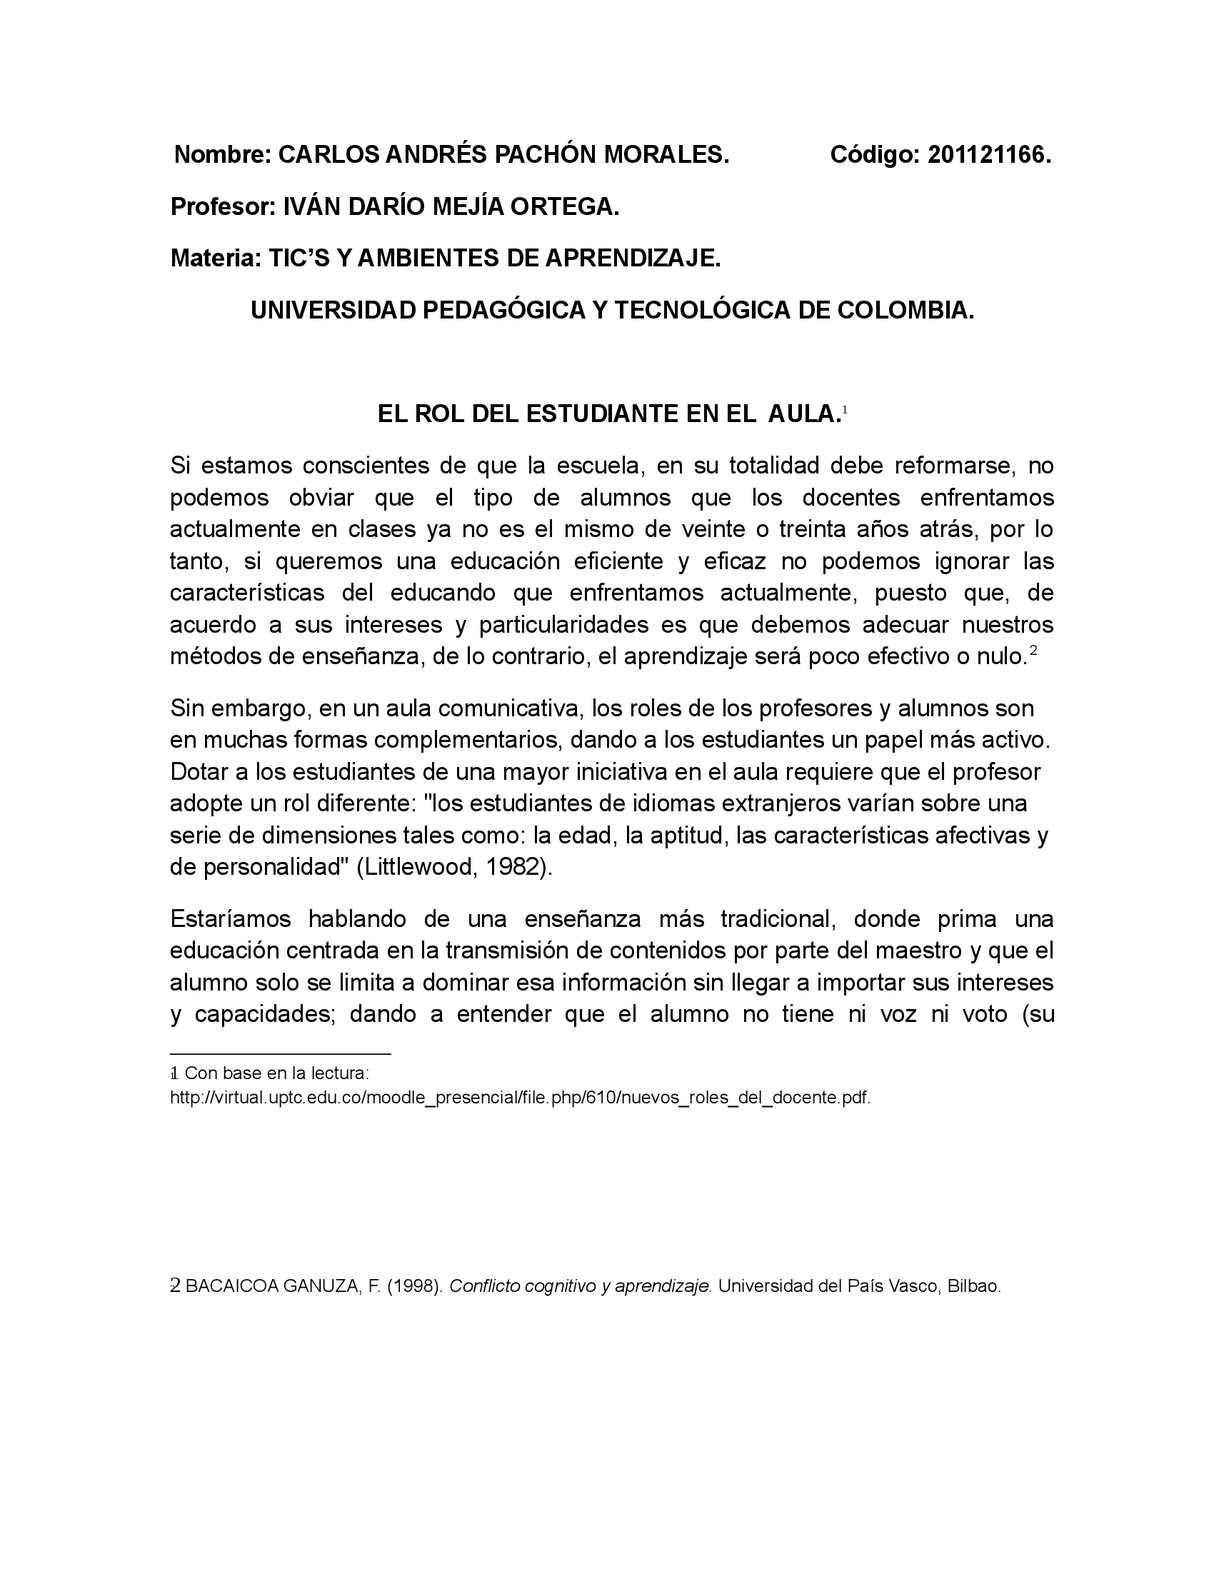 EL ROL DEL ESTUDIANTE EN EL  AULA.